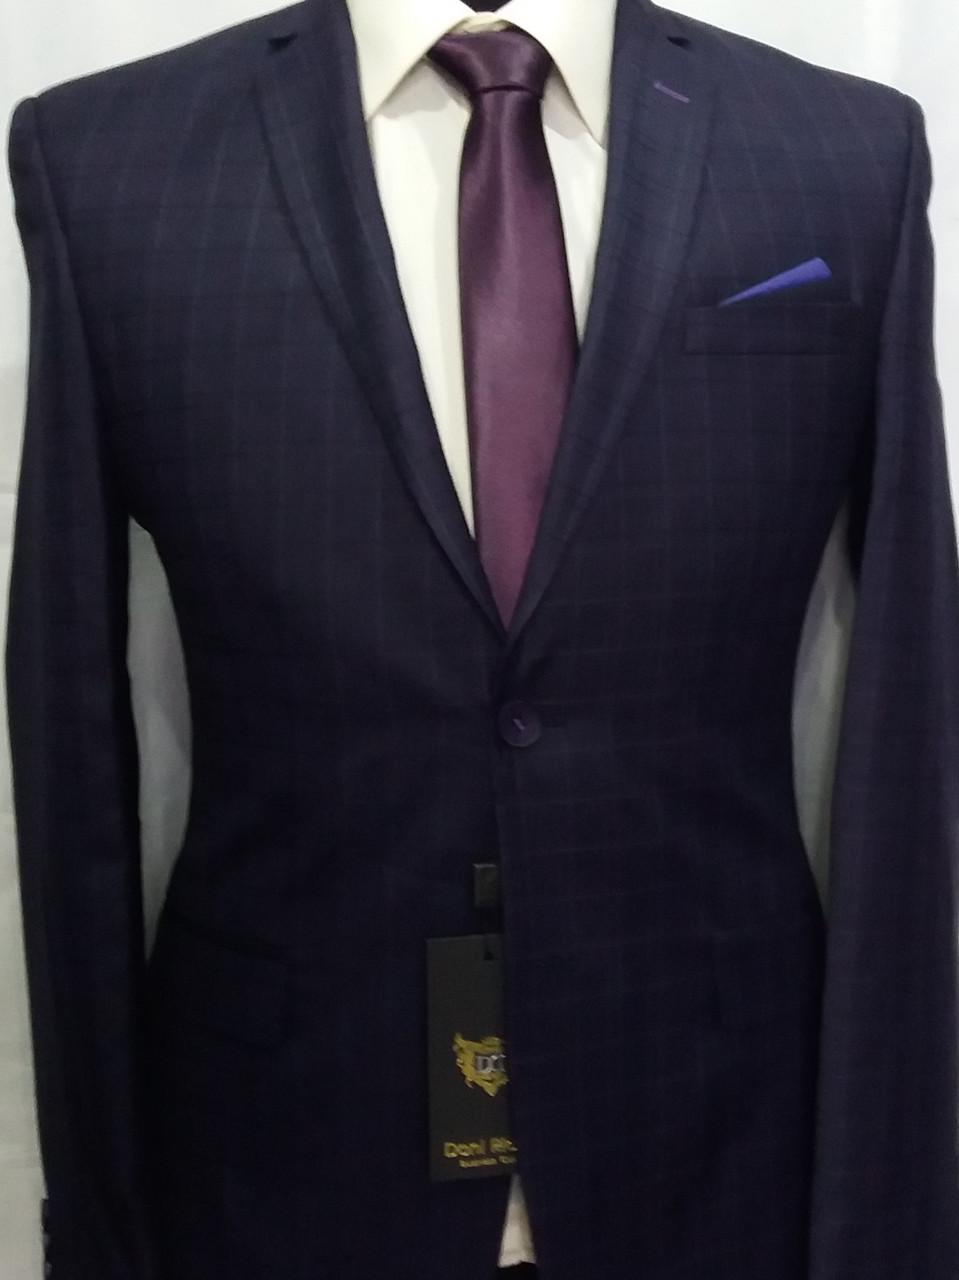 Комбинированный мужской костюм цвета баклажан Doni Ricce - ИНТЕРНЕТ-МАГАЗИН  MR DIMAX в Одессе 4bc83ba89f2